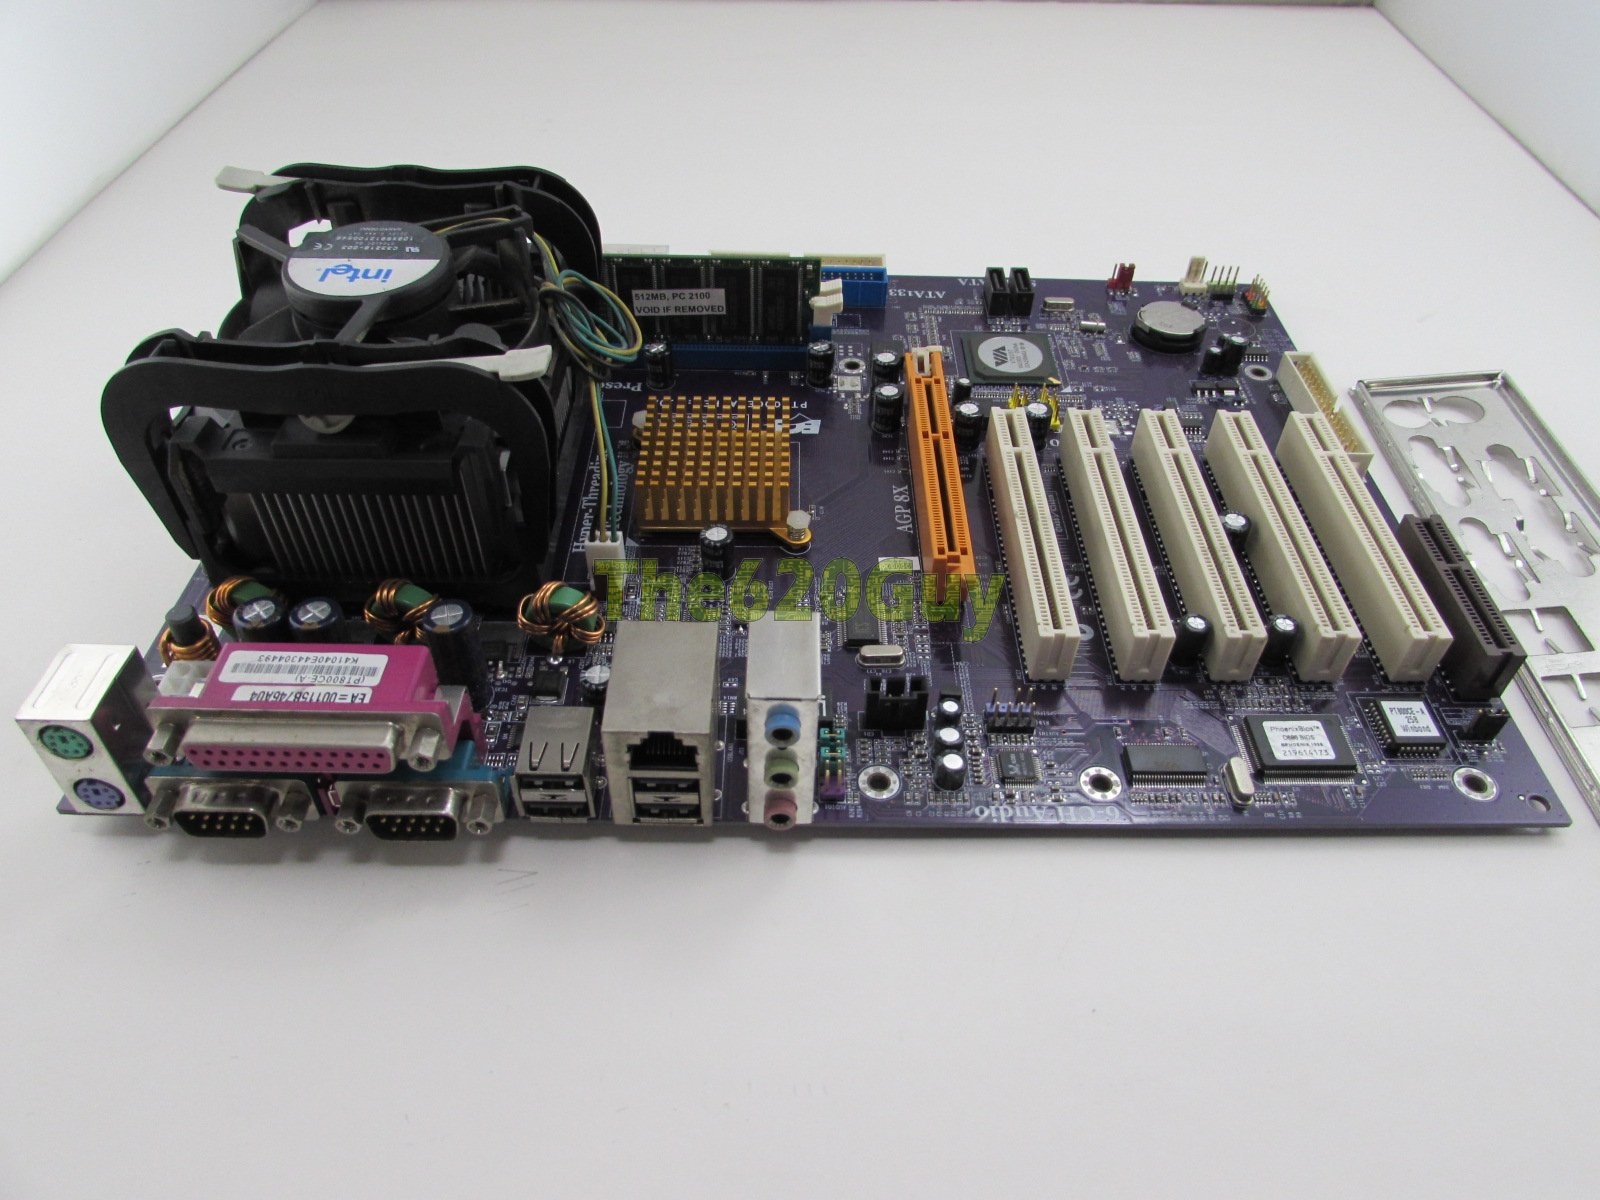 Ecs PT800CE-A 1.0 64Bit